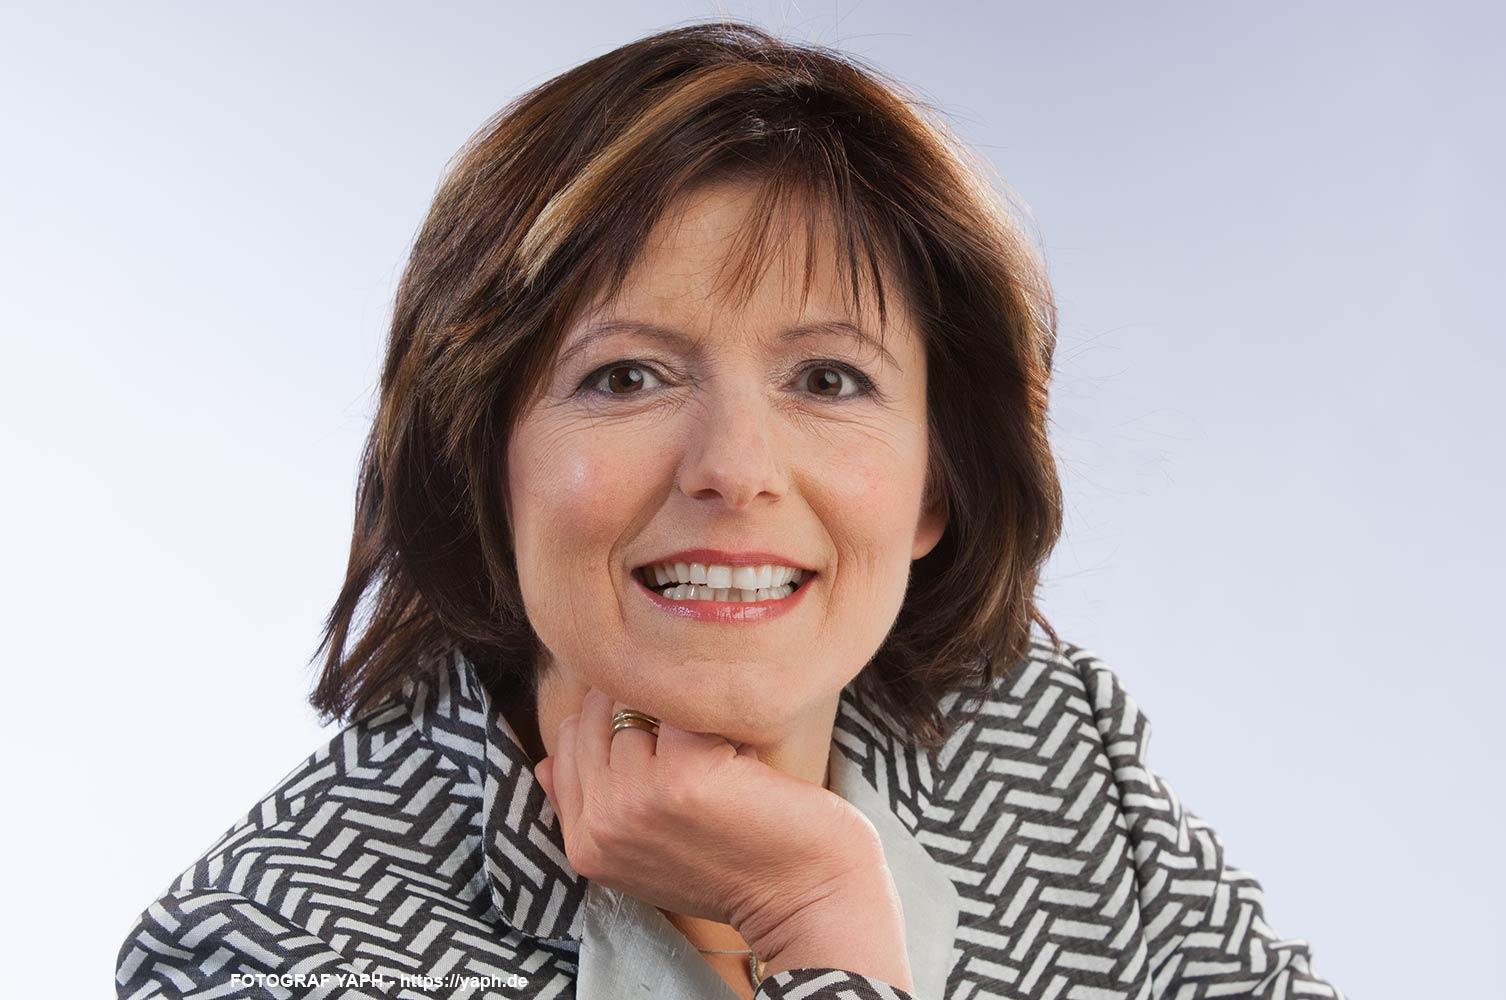 Malu Dreyer - Ministerpräsidentin des Landes Rheinland Pfalz - Fotograf Trier Yaph